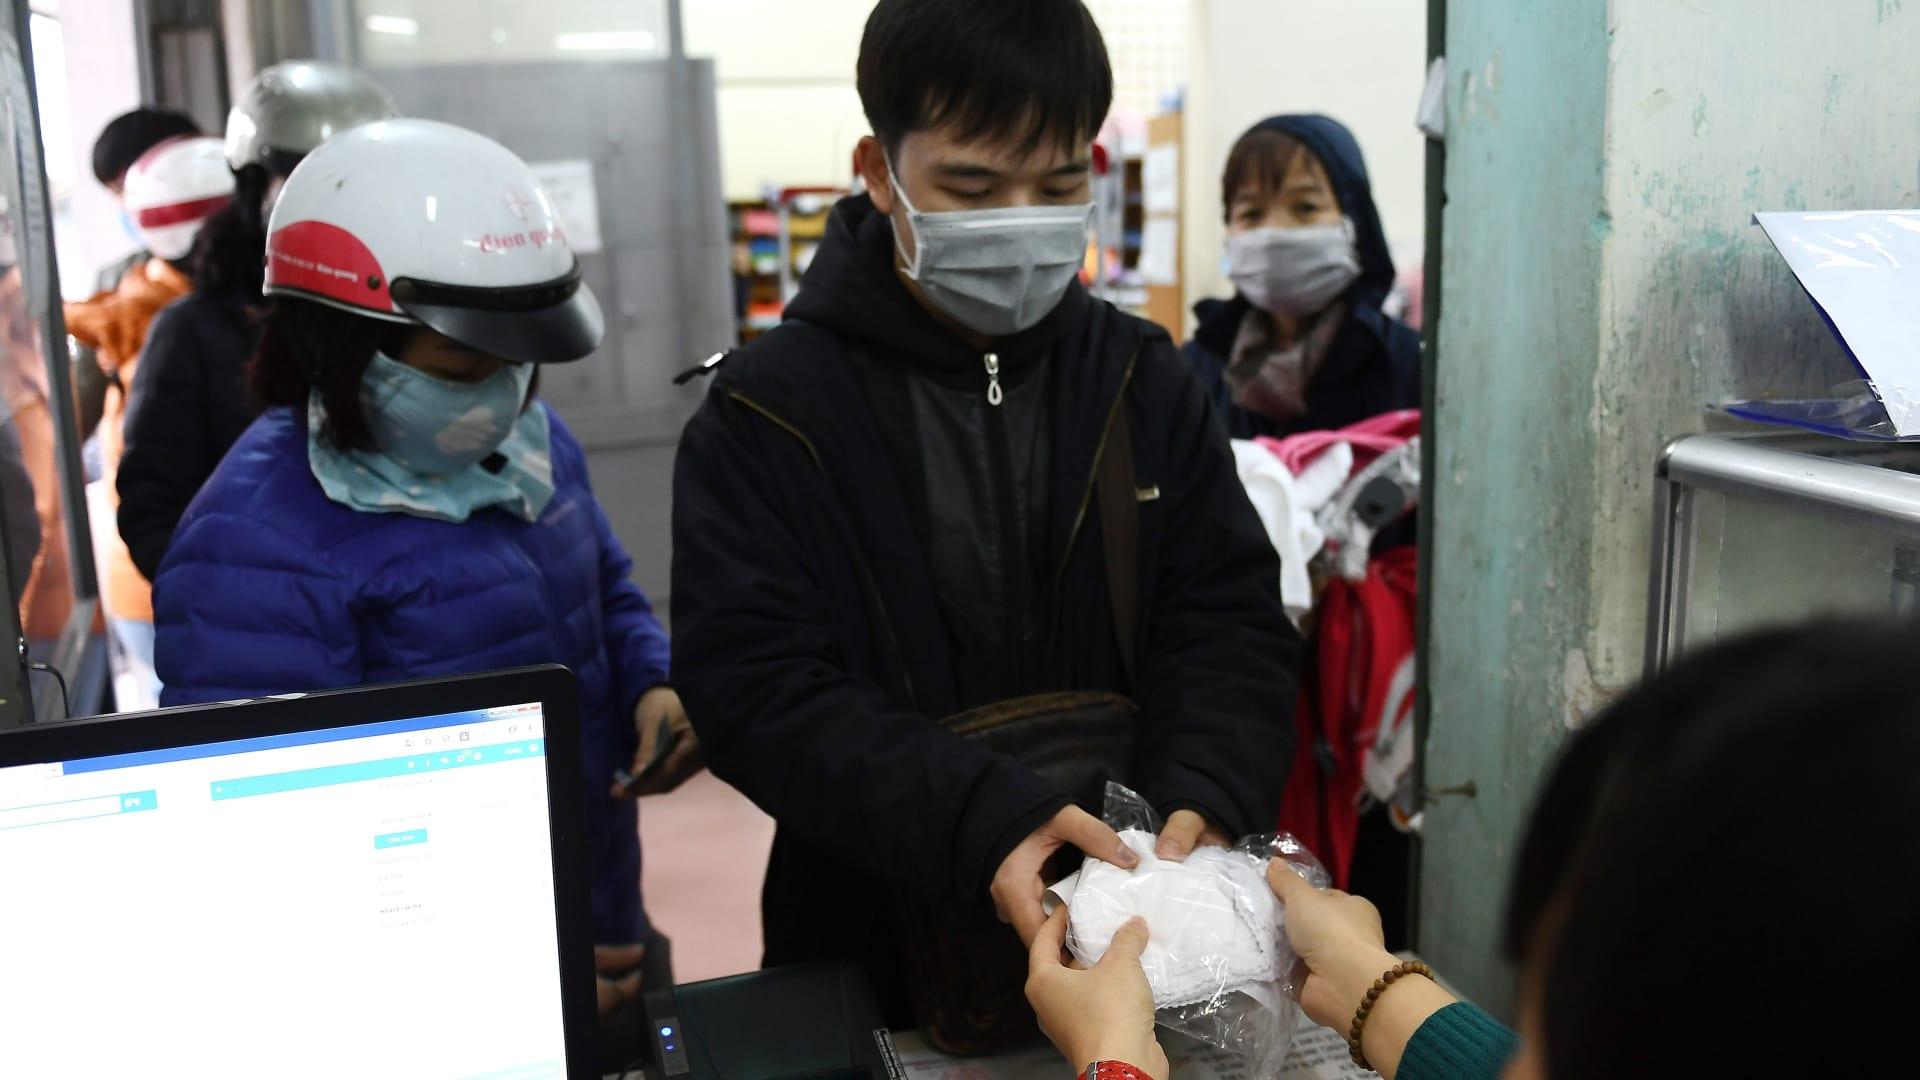 بعد نقص عالمي بسبب كورونا.. اليابان تعمل على زيادة إنتاج الأقنعة الطبية